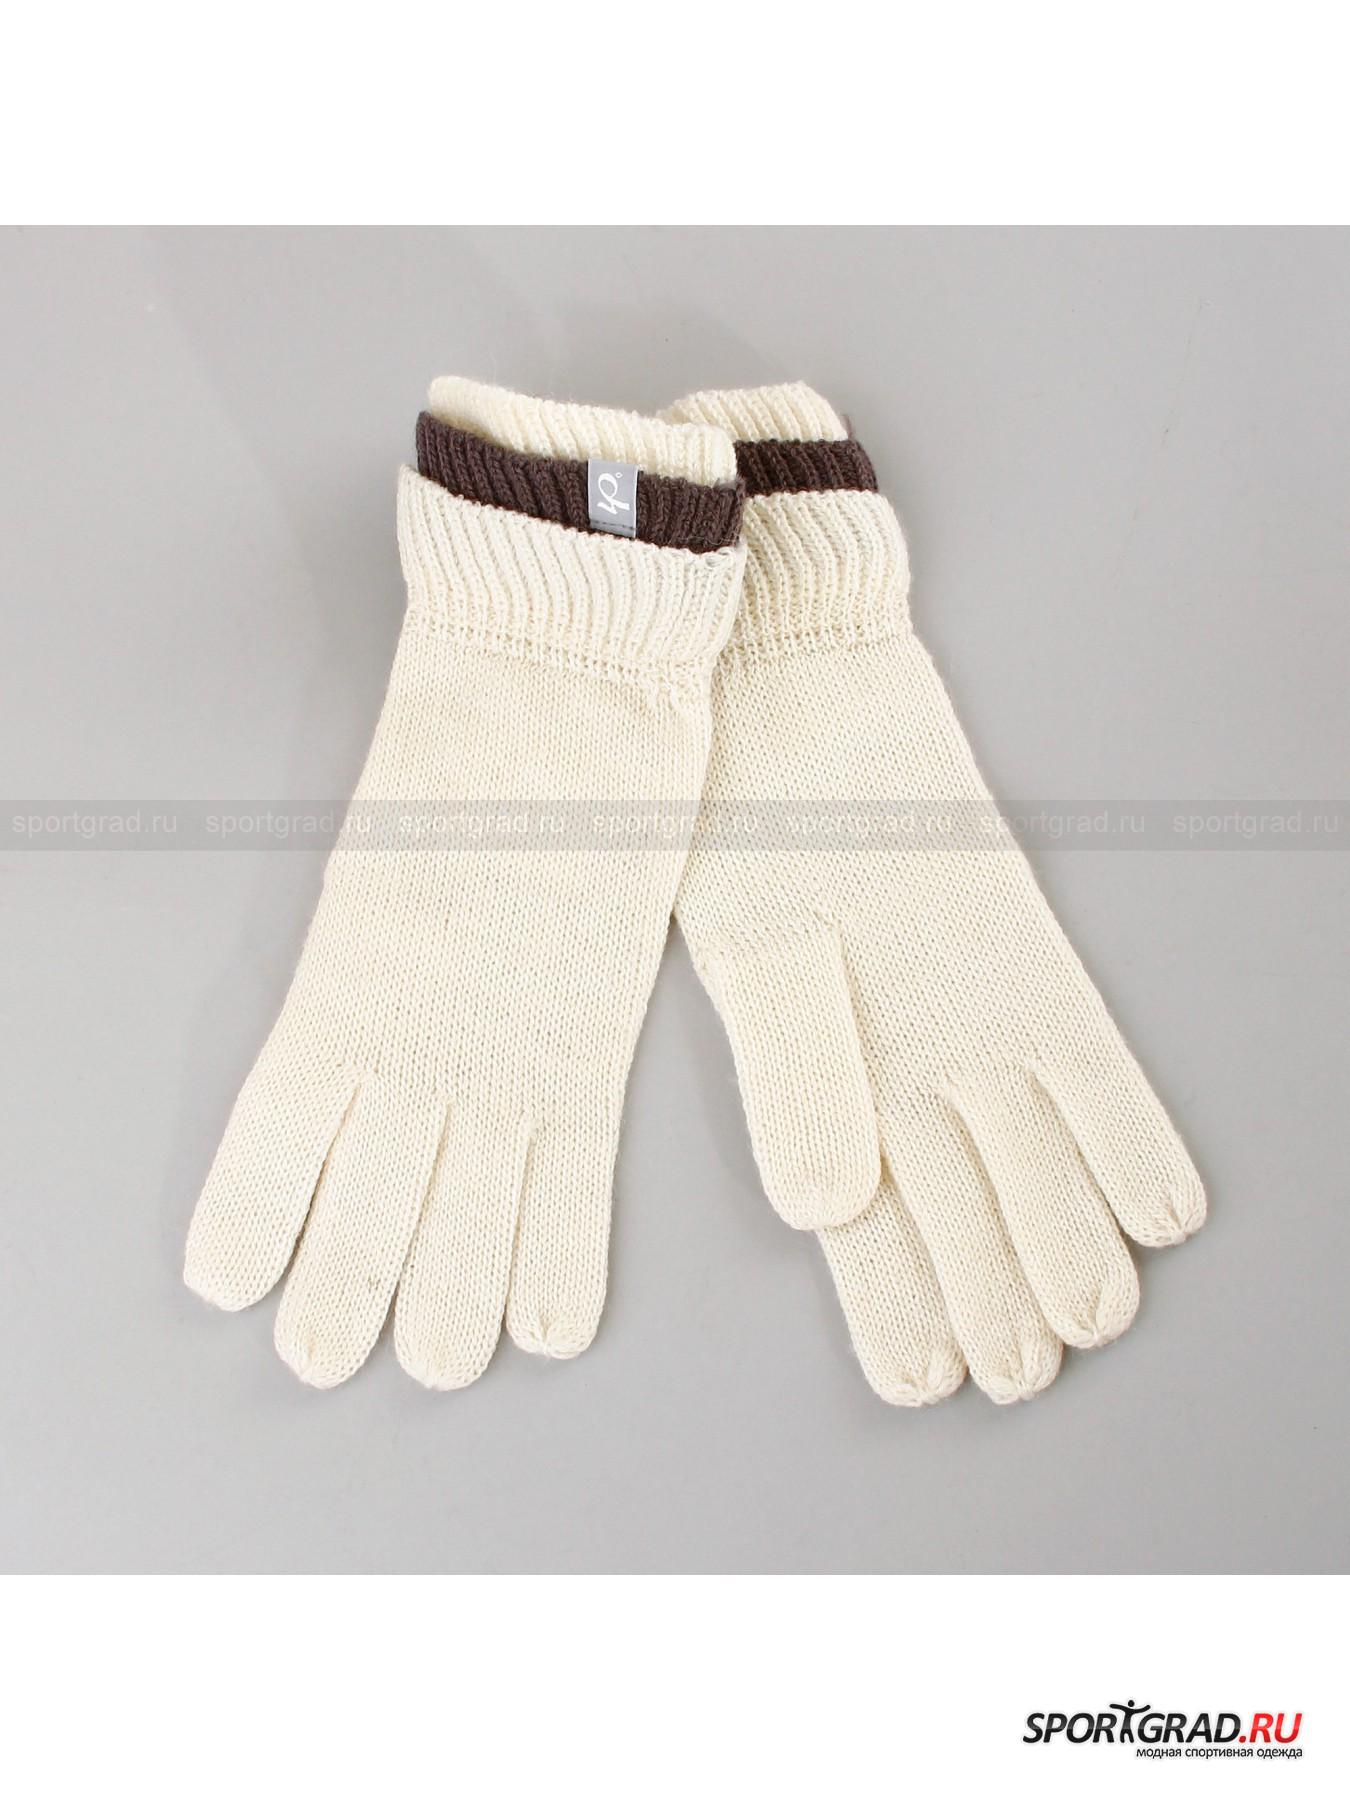 Перчатки женские вязаные DEHA от Спортград